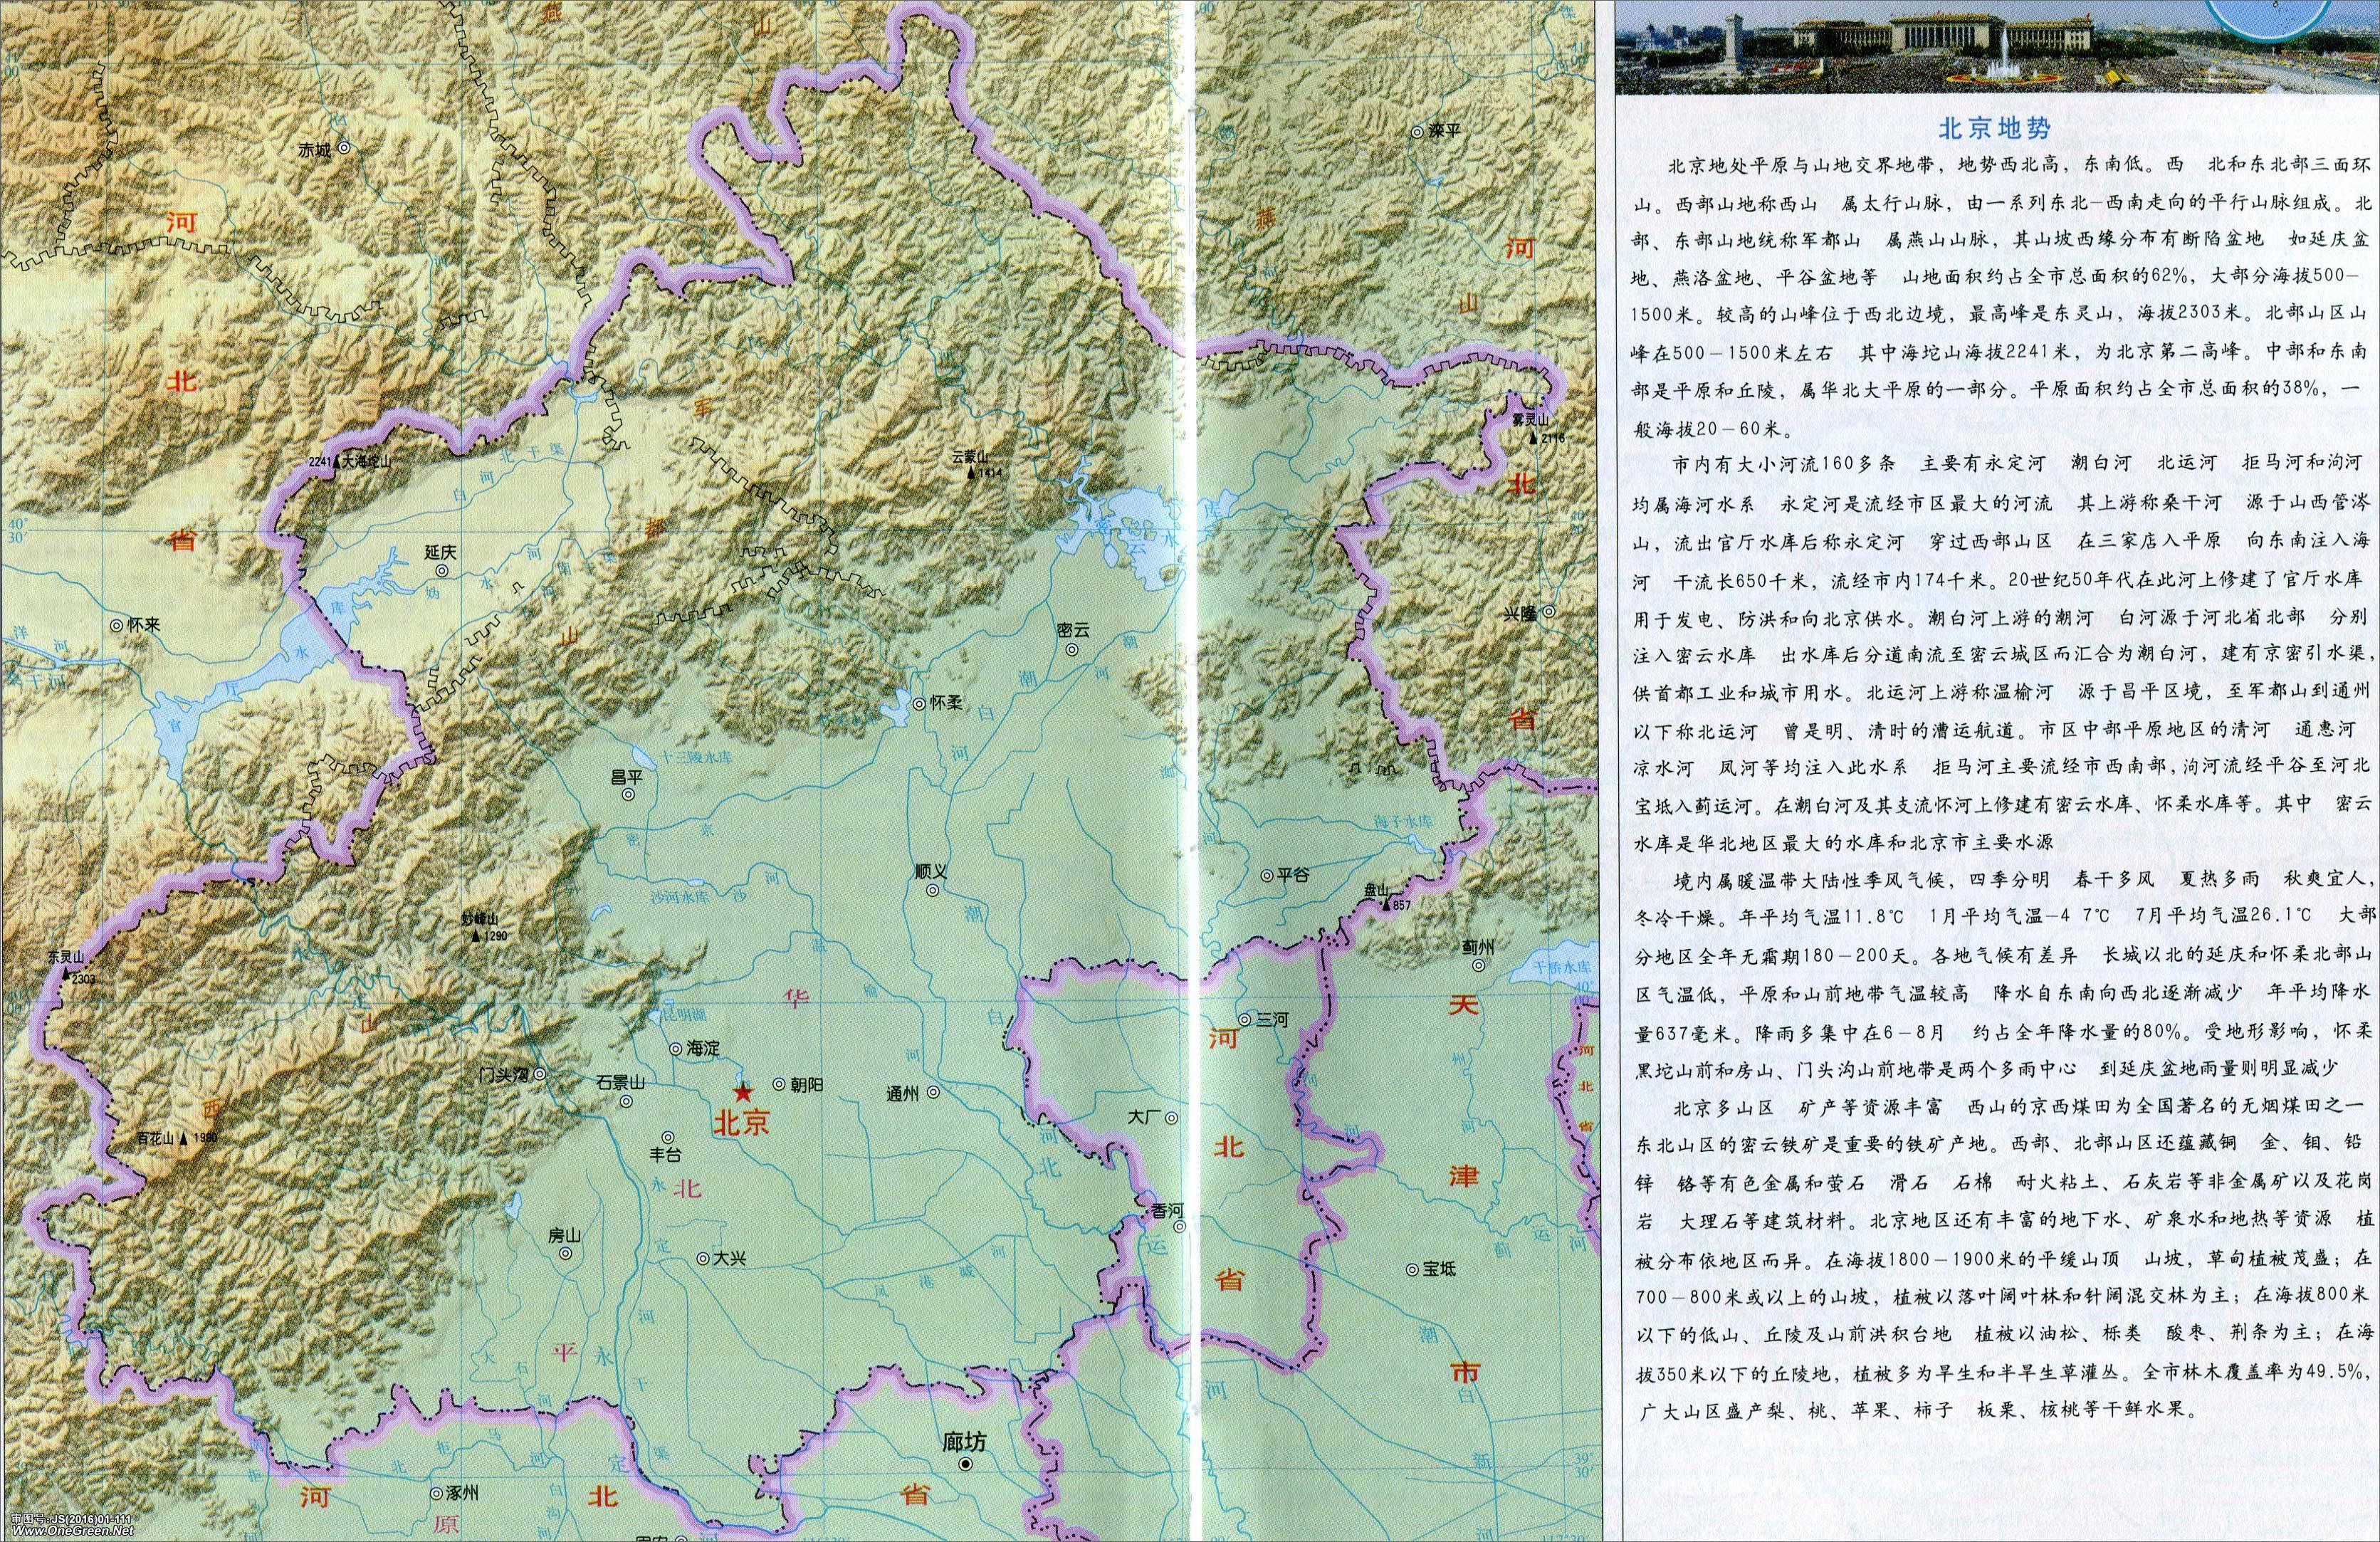 北京地图全图高清版